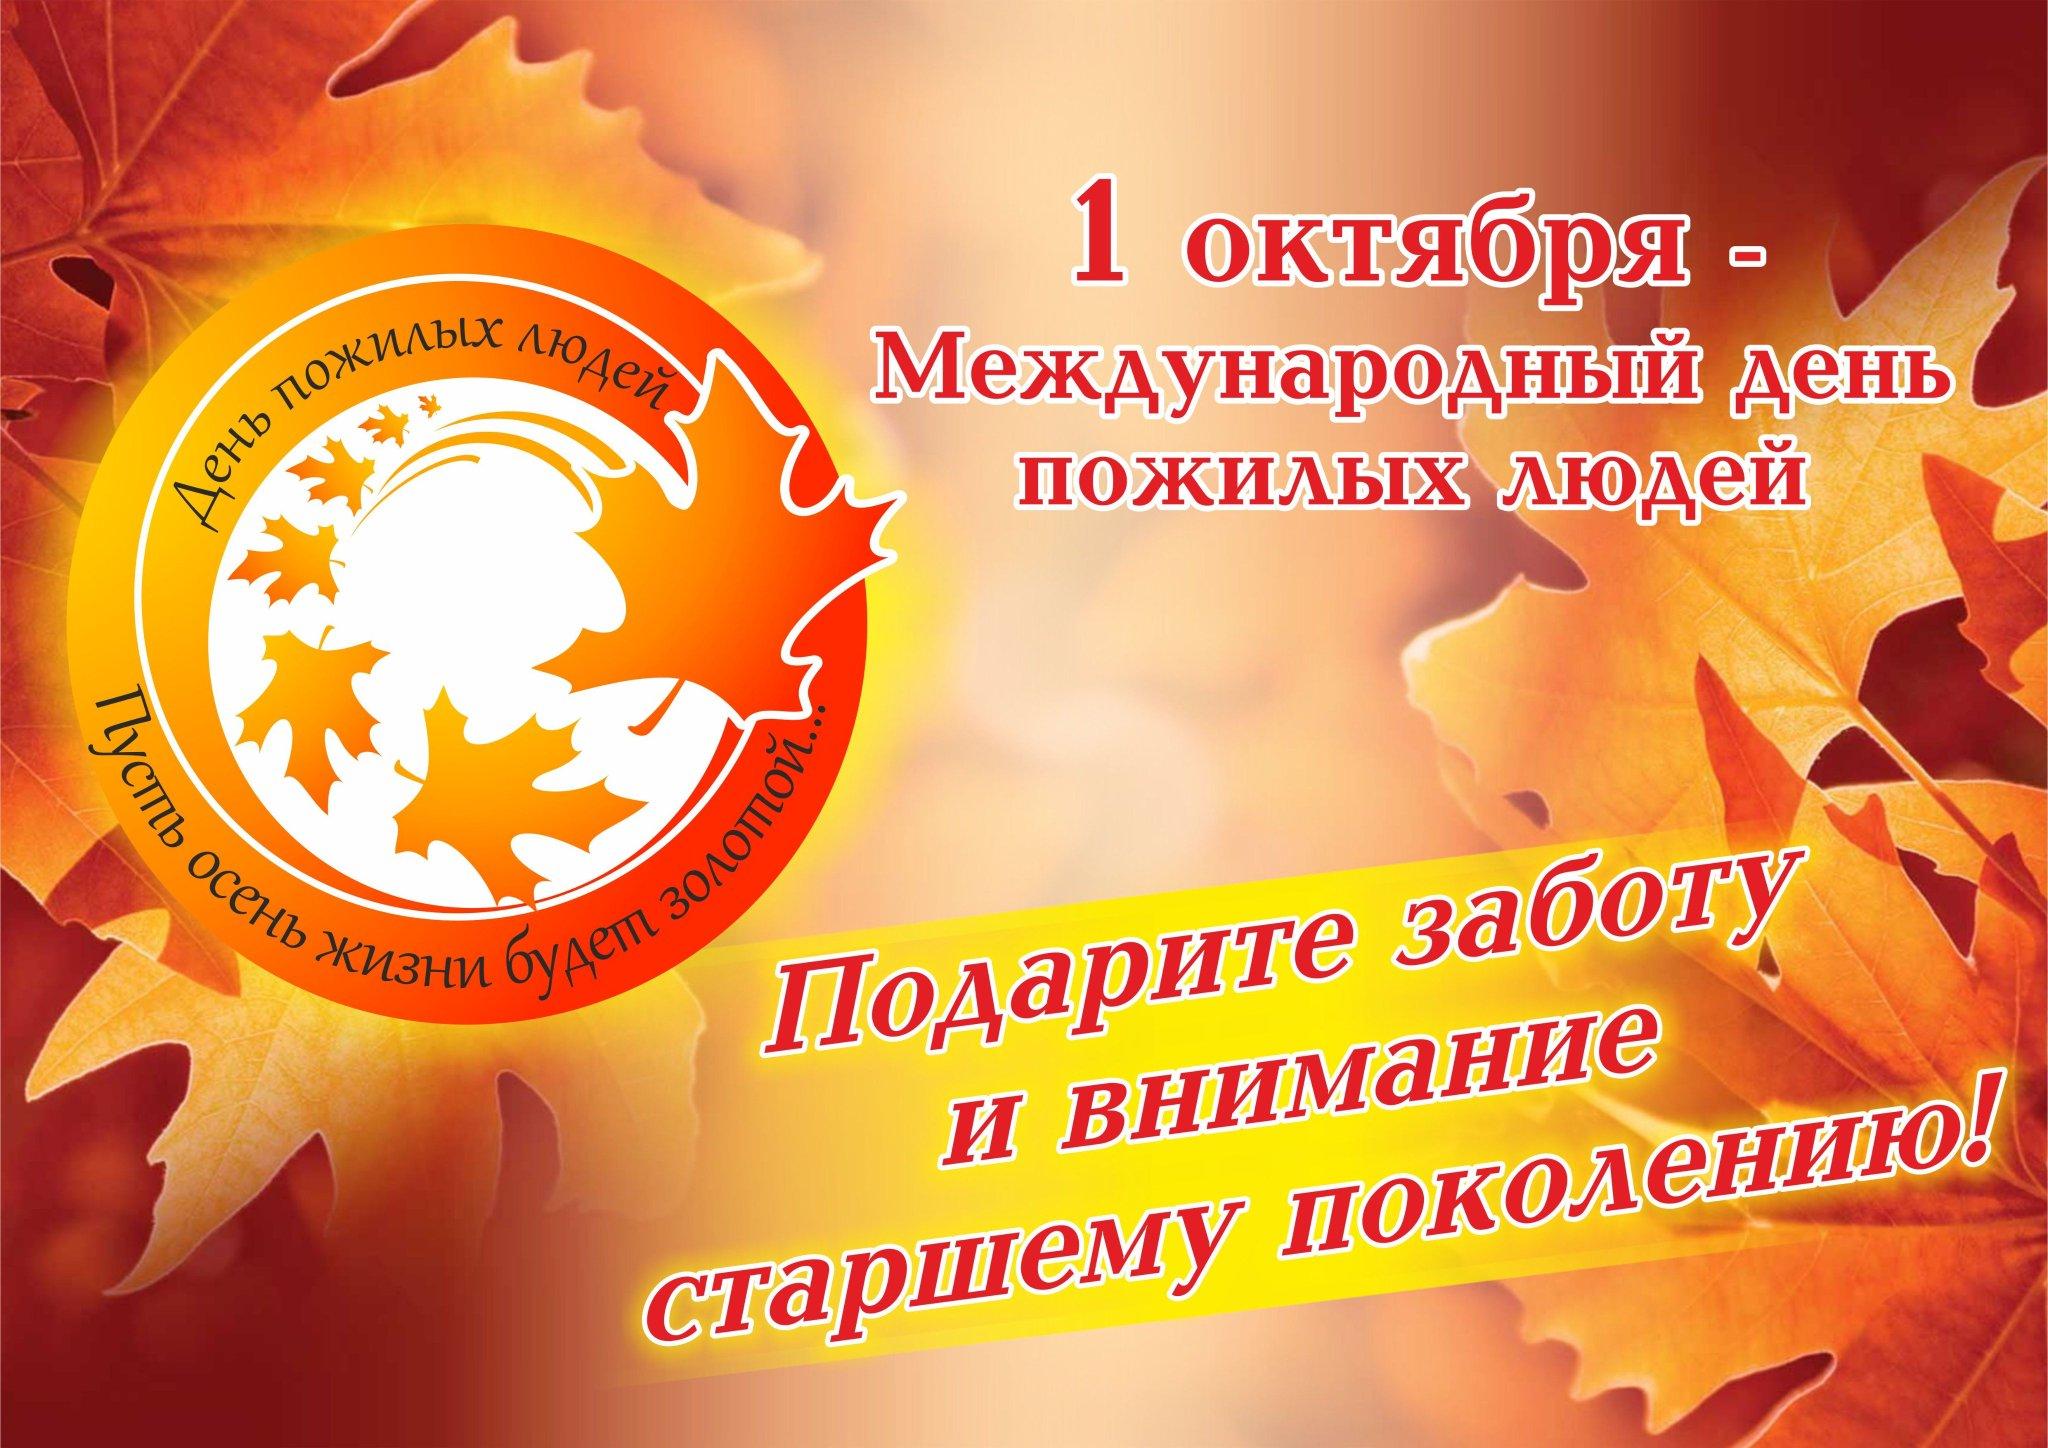 Открытки на день пожилых людей 1 октября, андрею юбилеем картинки